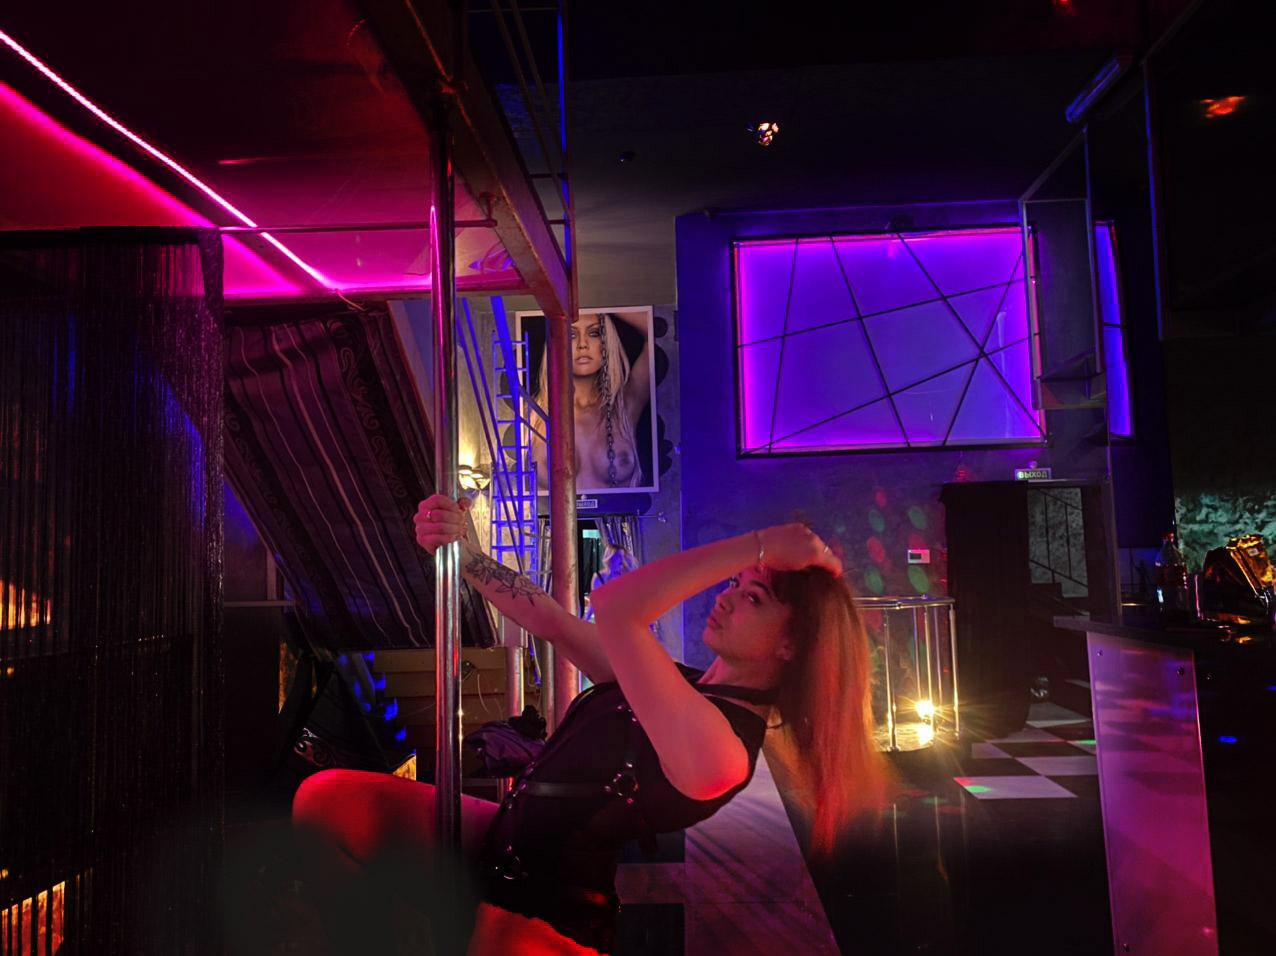 Мужской стриптиз клуб в нижнем визажист работа ночной клуб